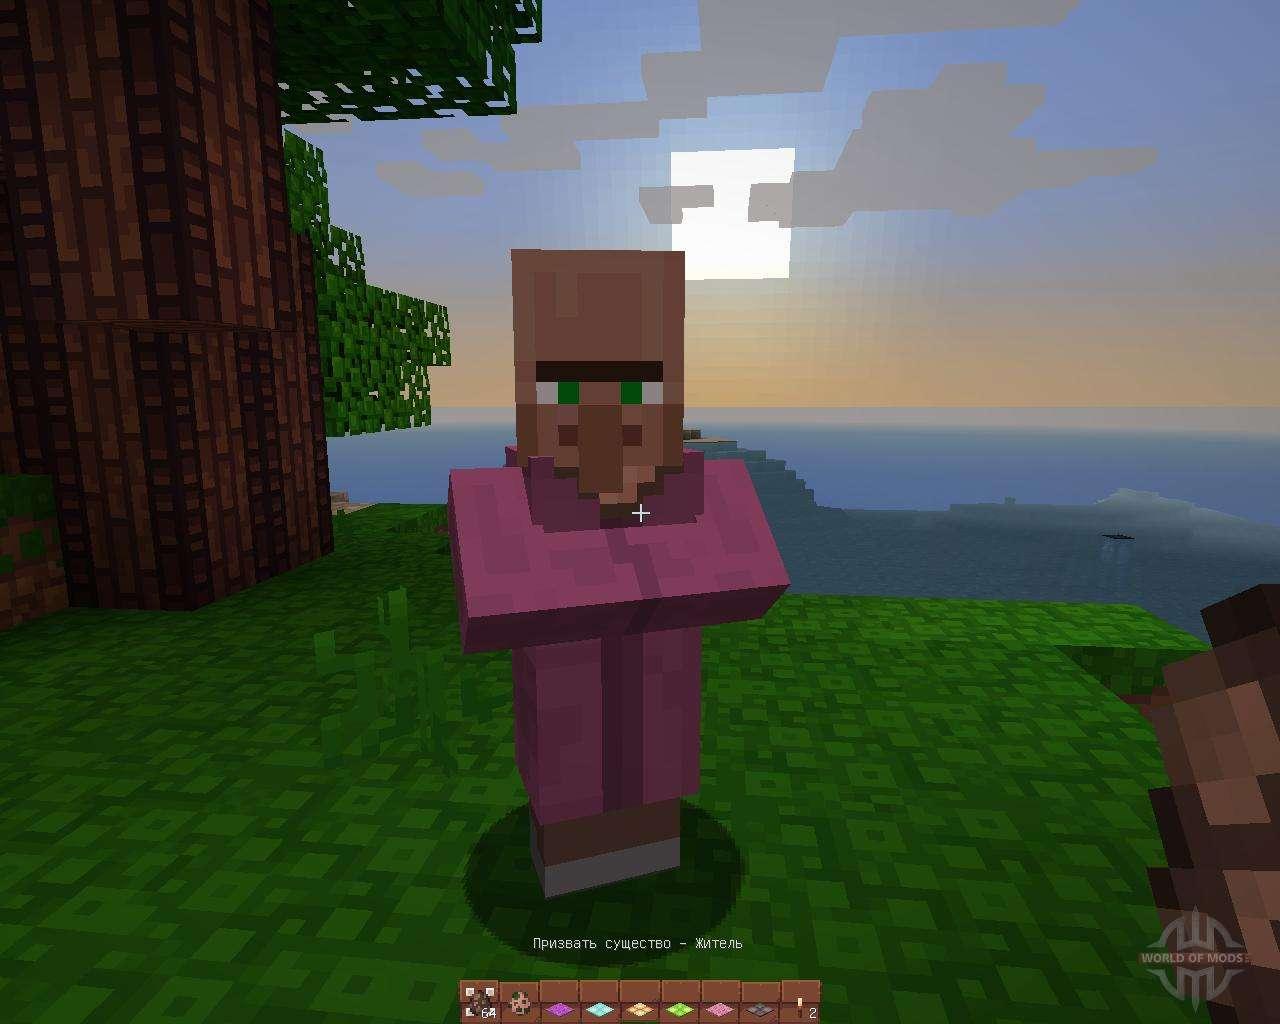 Тайна мира Minecraft, выводы сделаны на основе изучения истории мобов 13